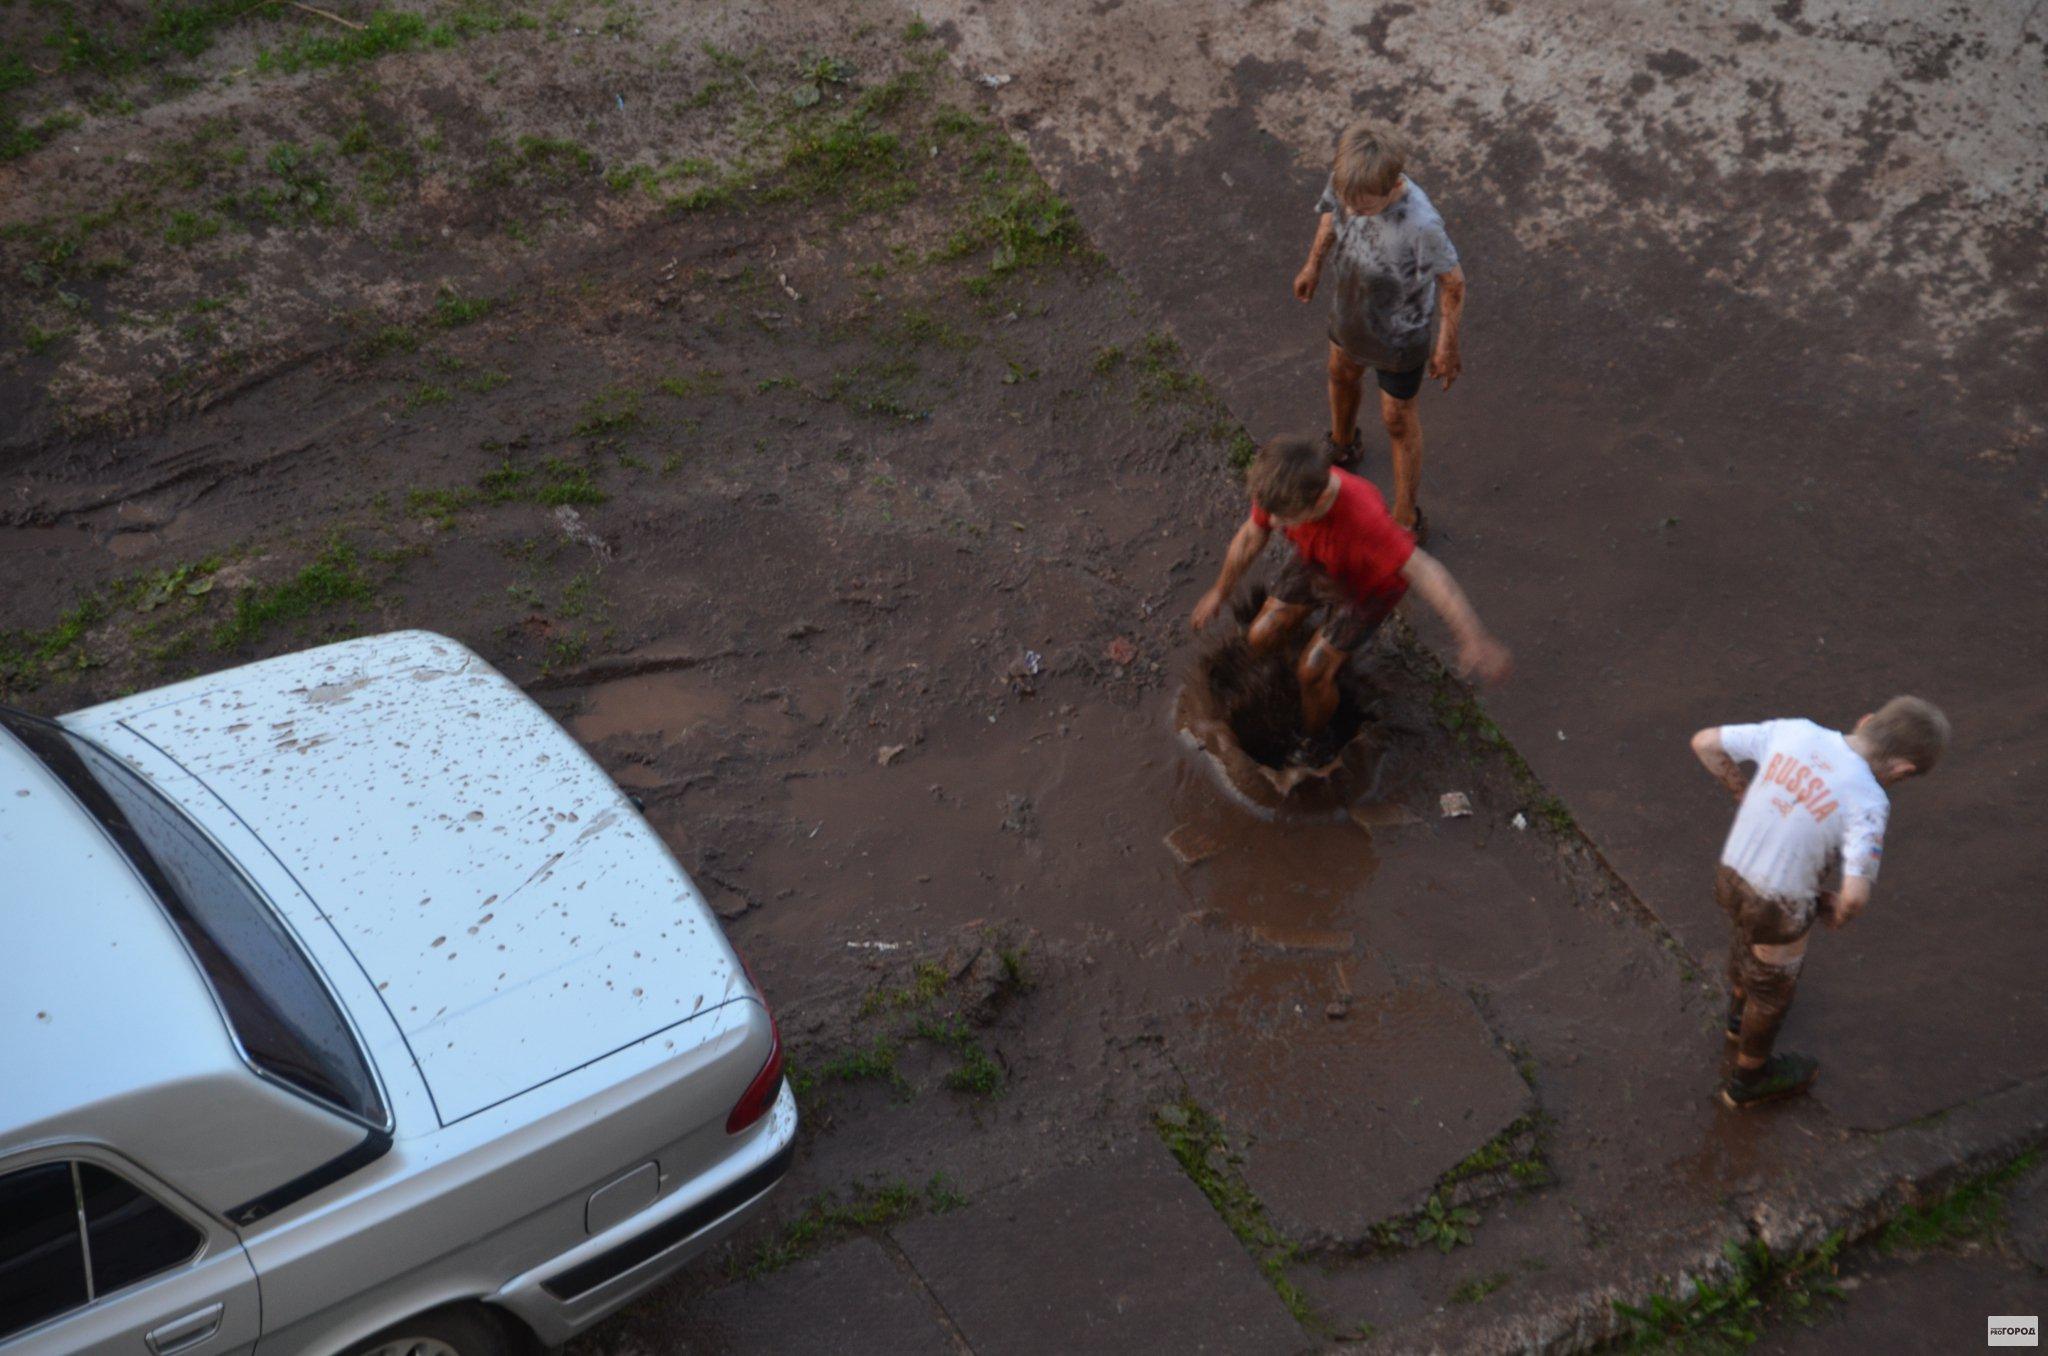 В Кирово-Чепецке дети искупались в грязи во дворе дома